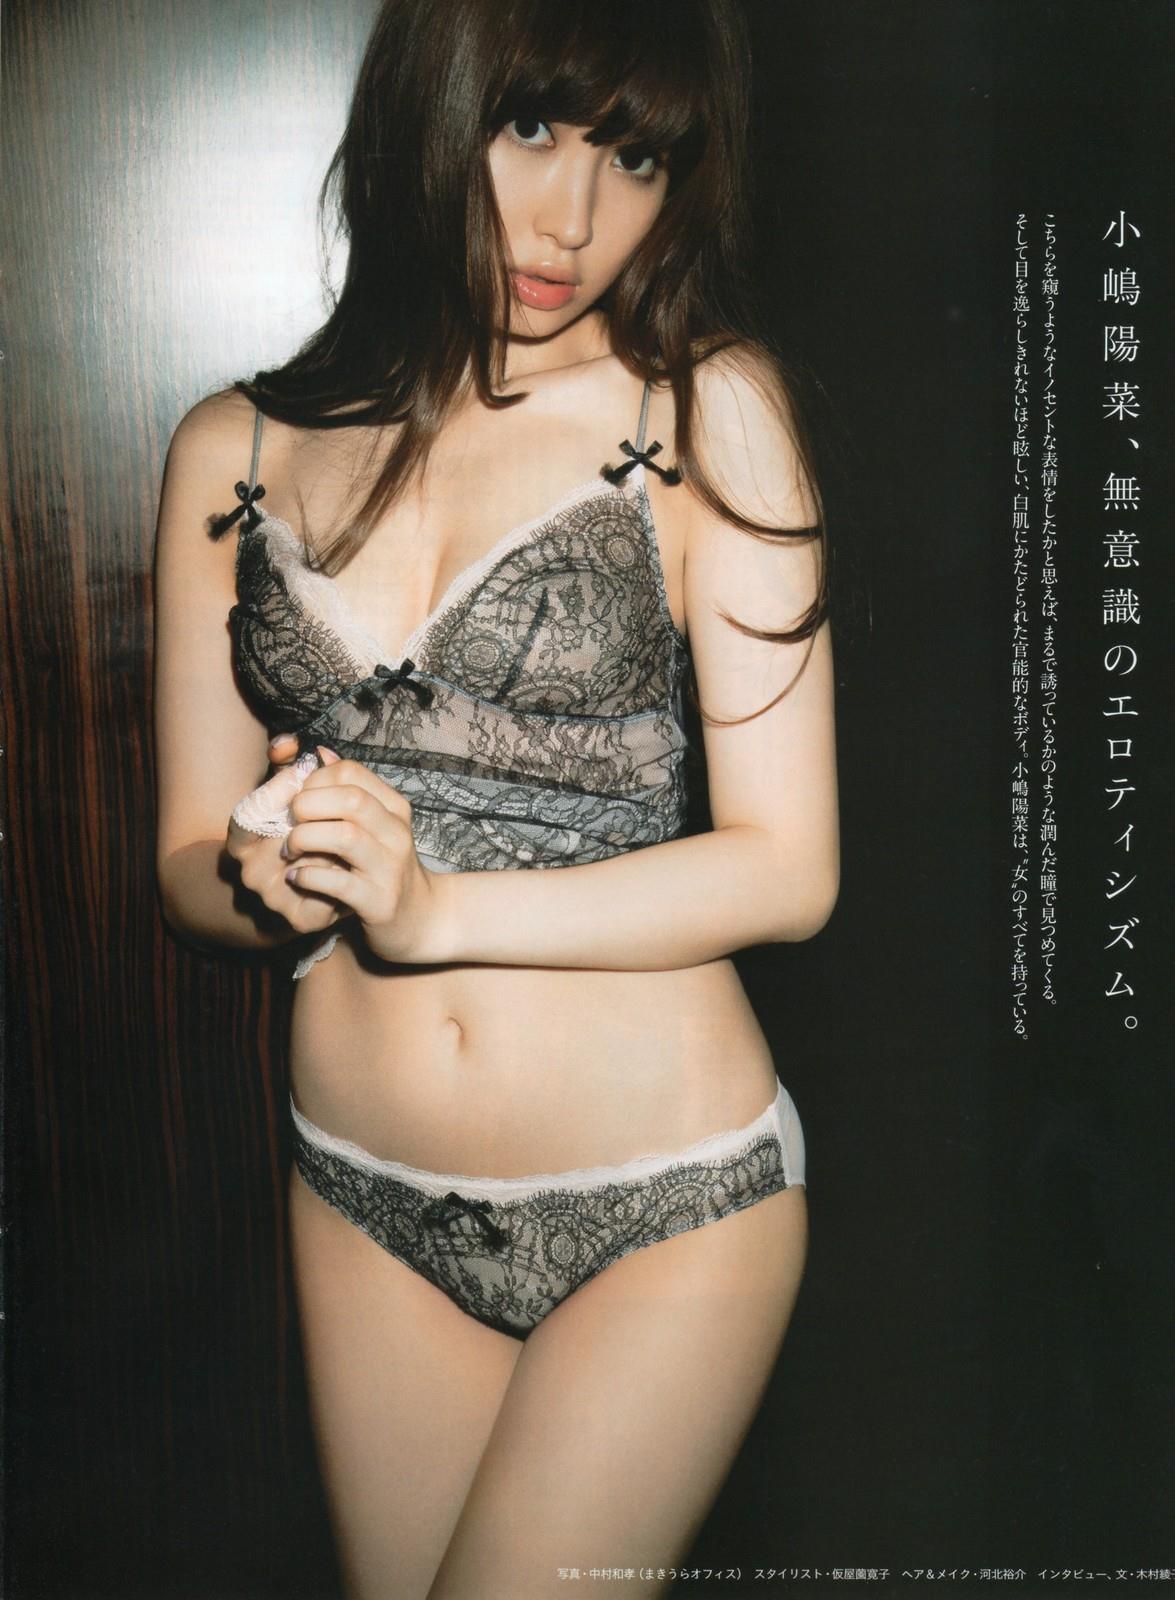 小嶋陽菜 ランジェリー画像 61